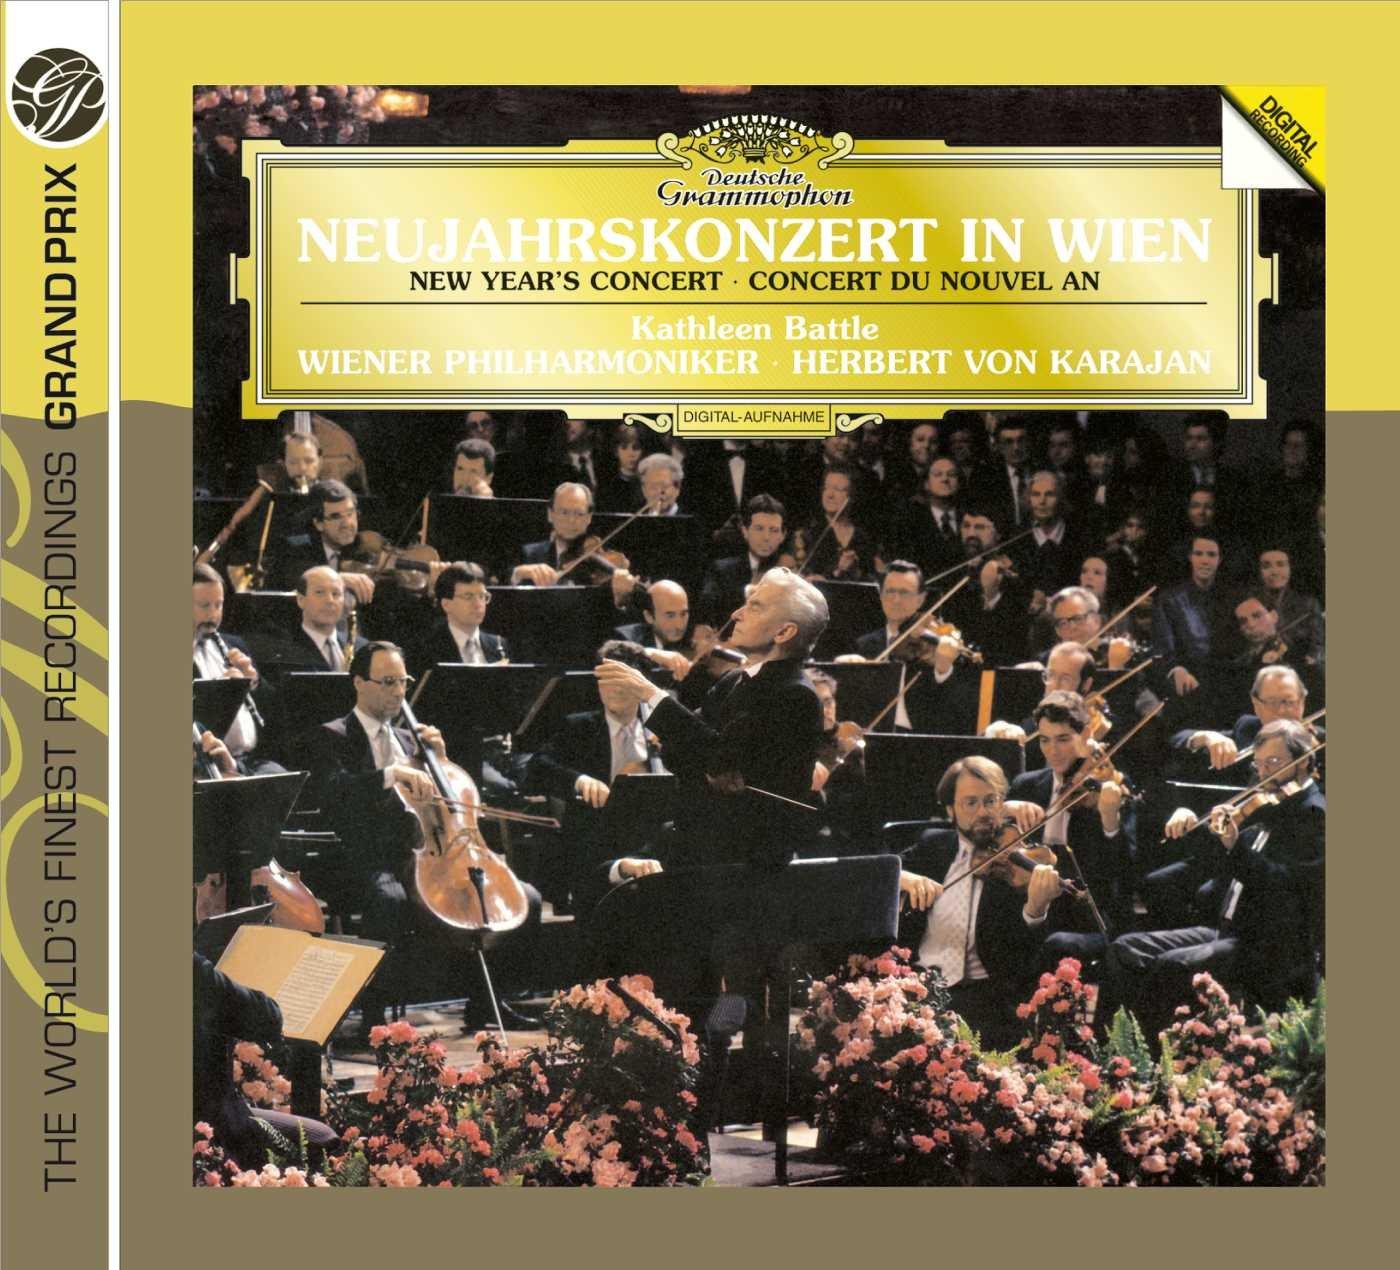 New Year's Concert From Vienna 1987 by Deutsche Grammophon